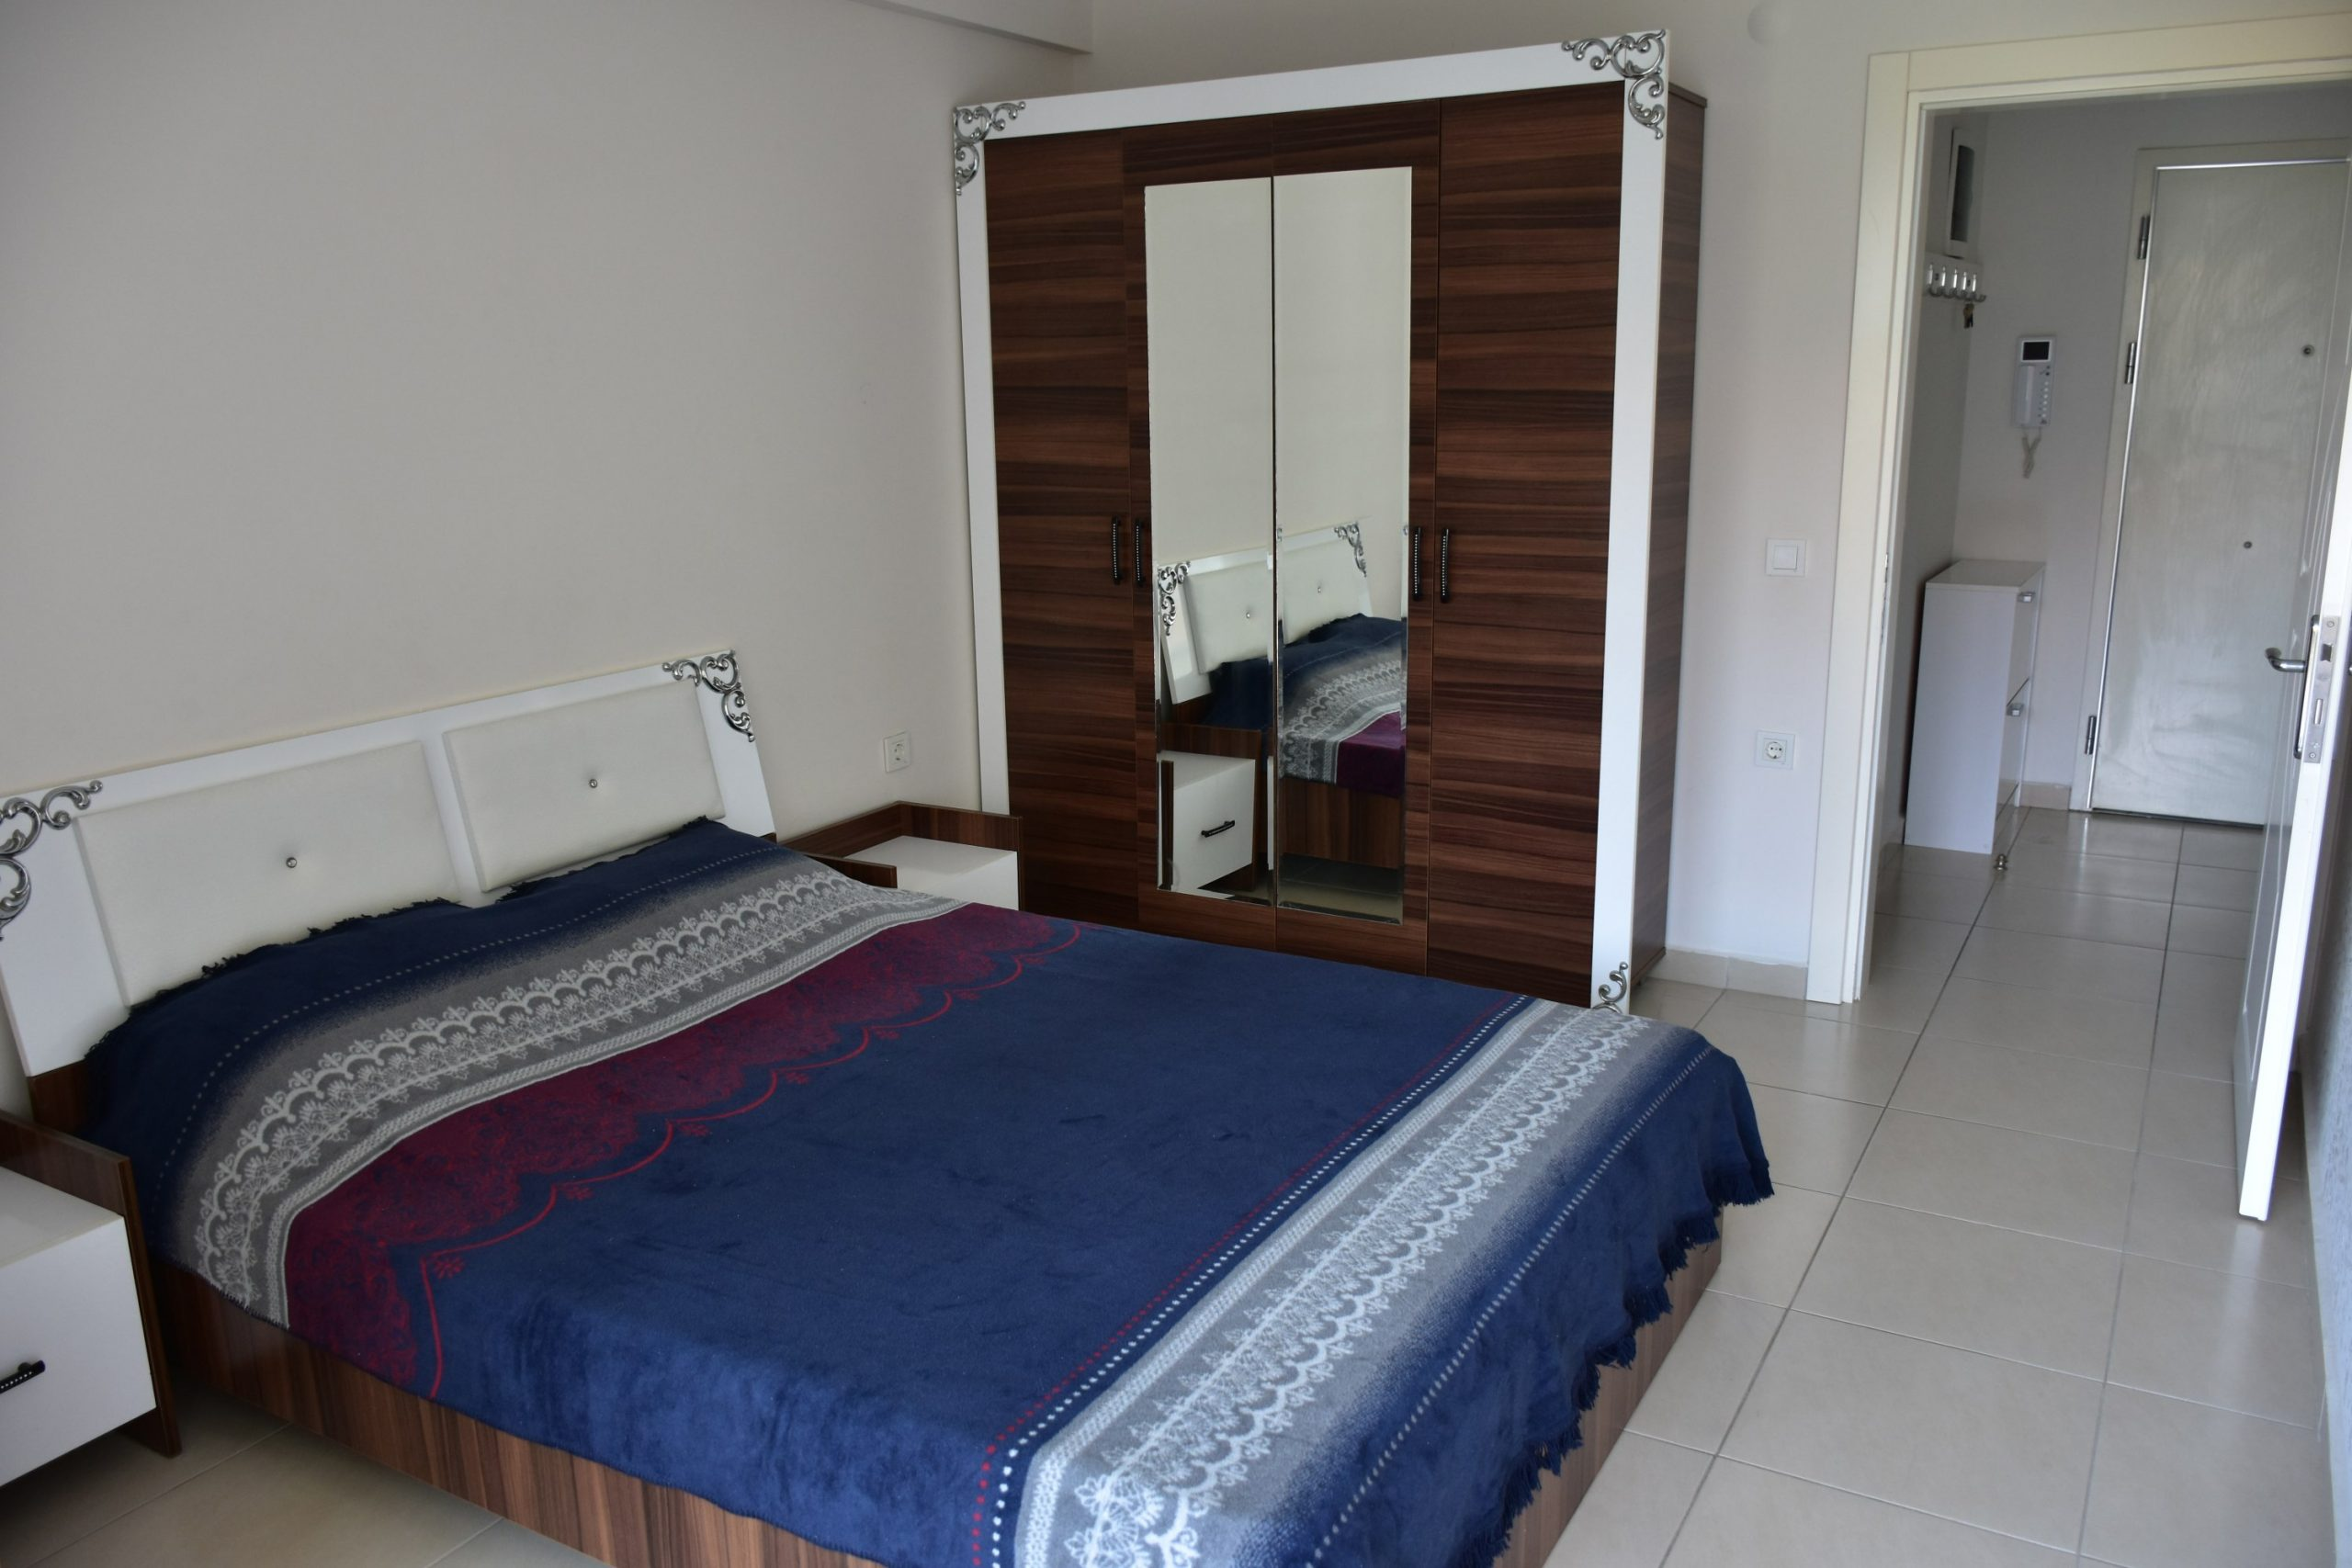 Двухкомнатная квартира с мебелью в посёлке Авсаллар - Фото 14